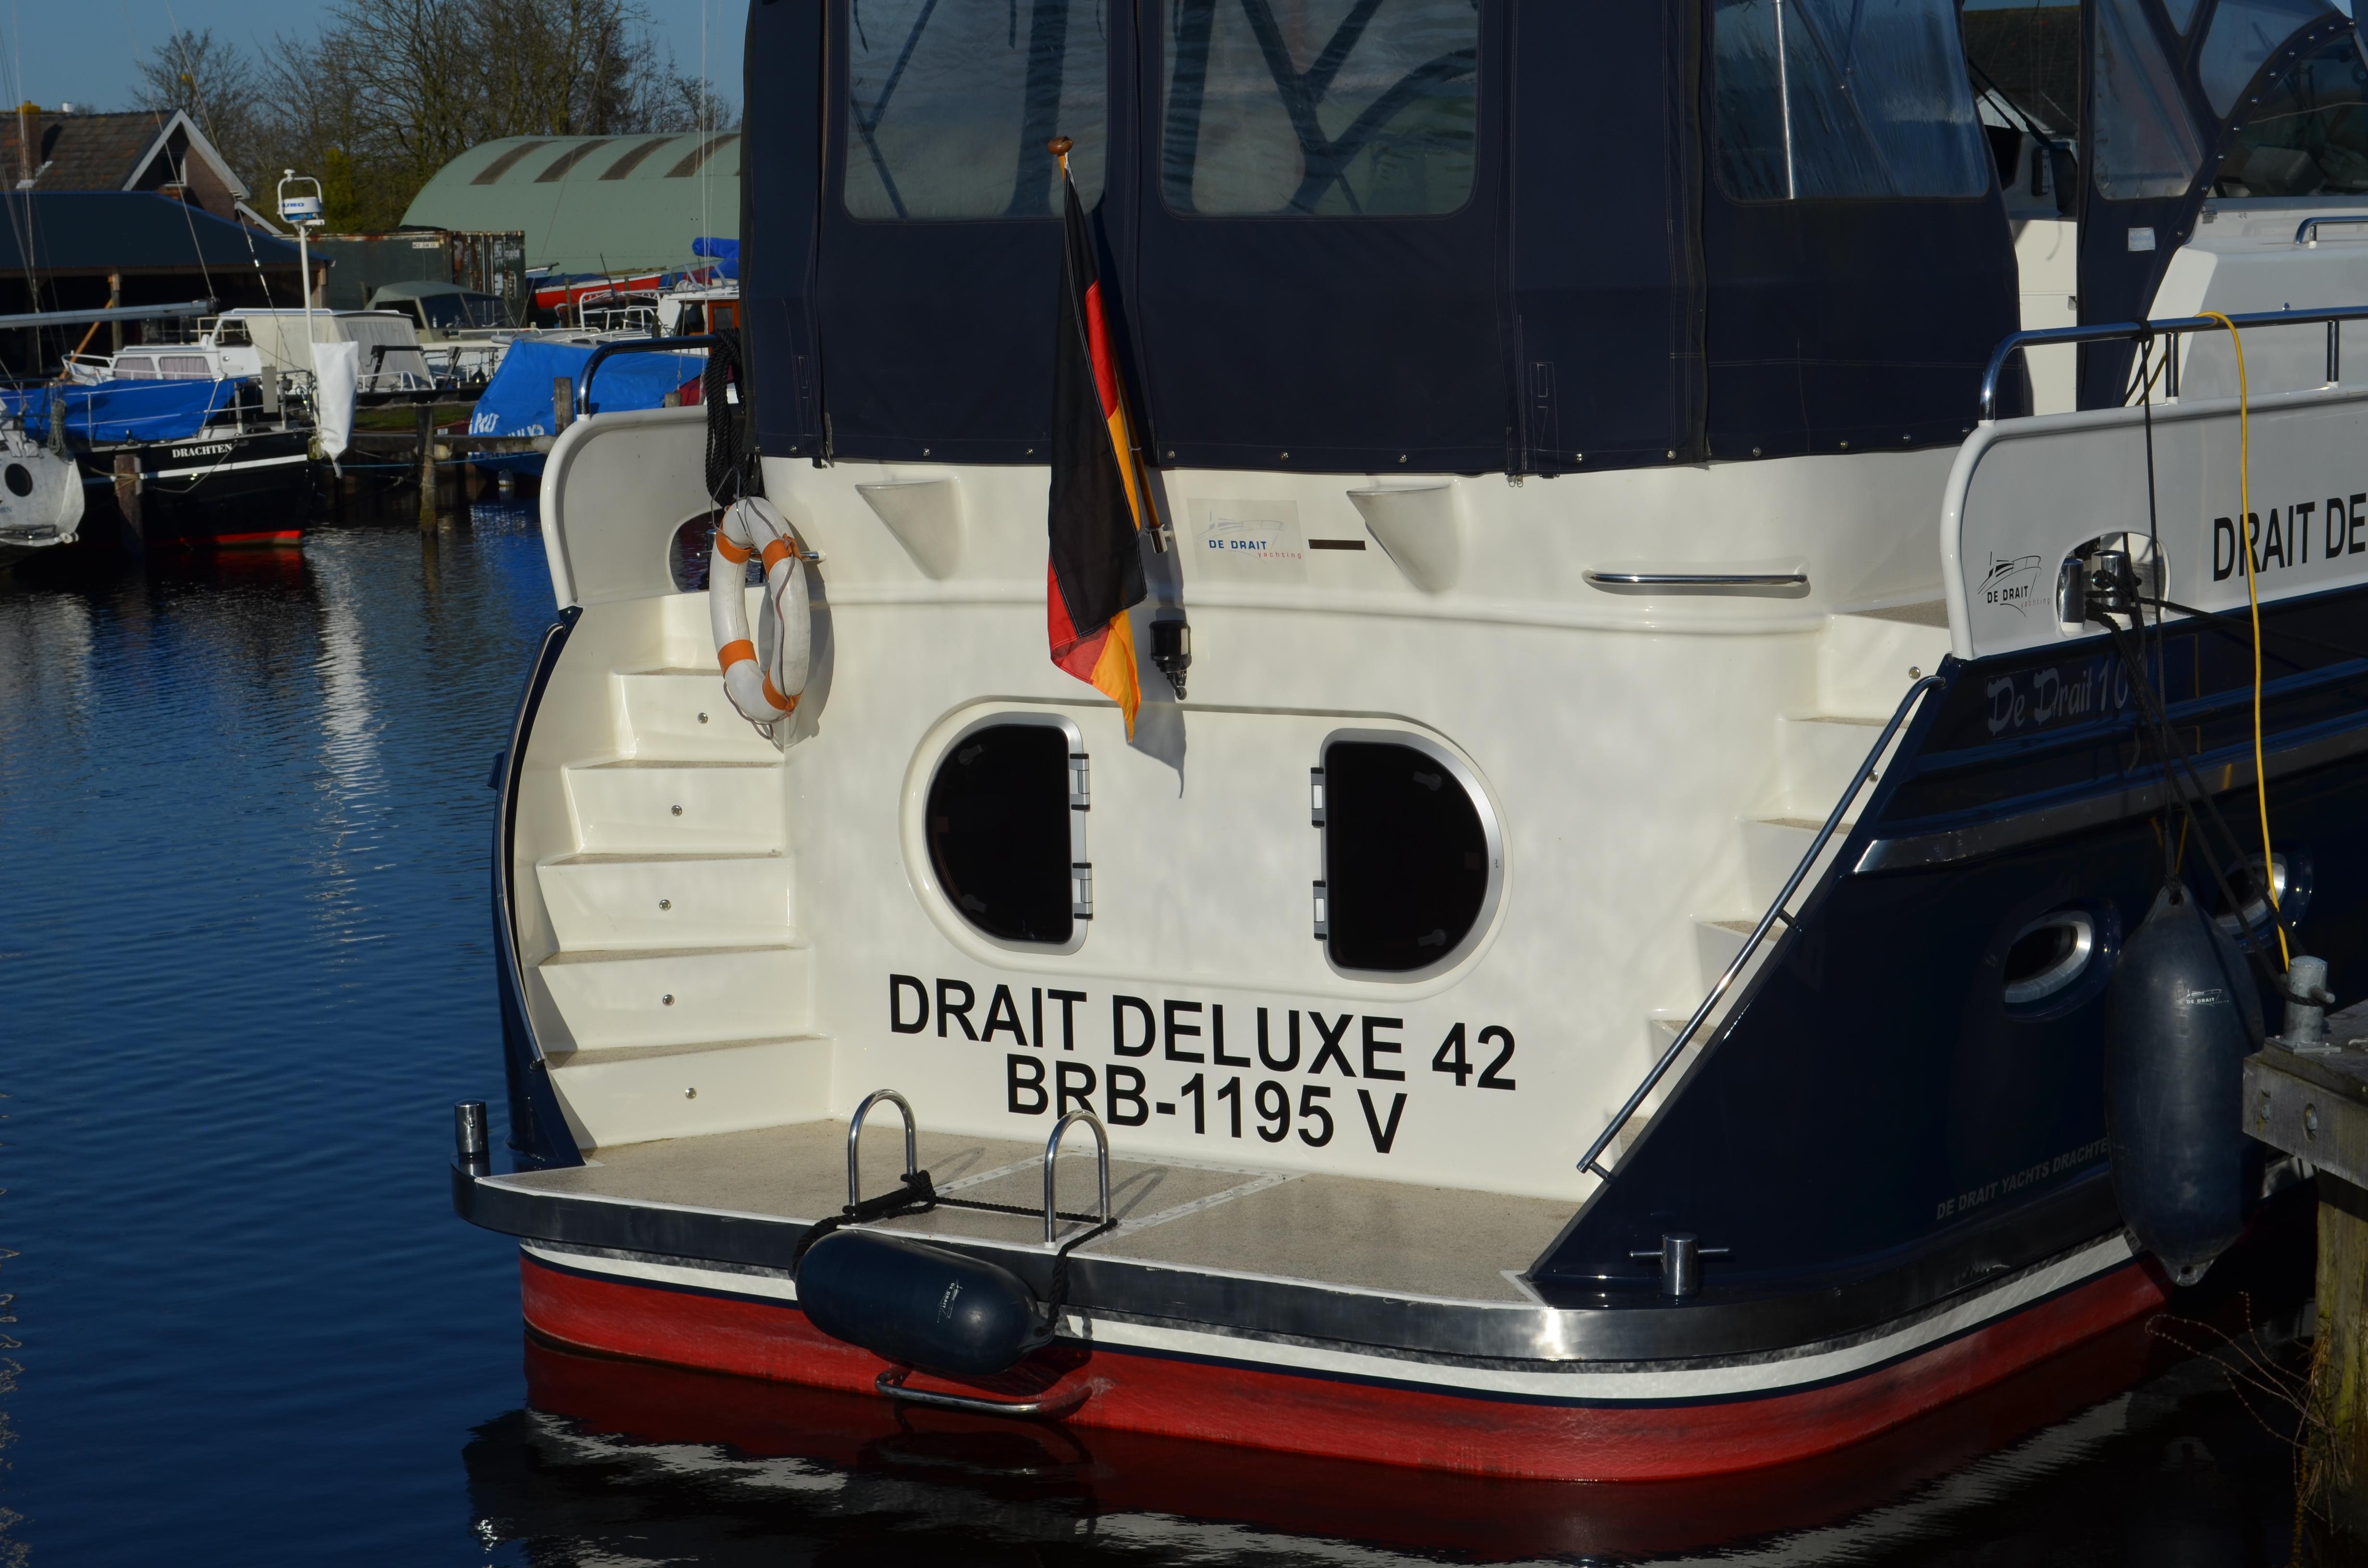 DeLuxe 42 (Drait 117)  - 10